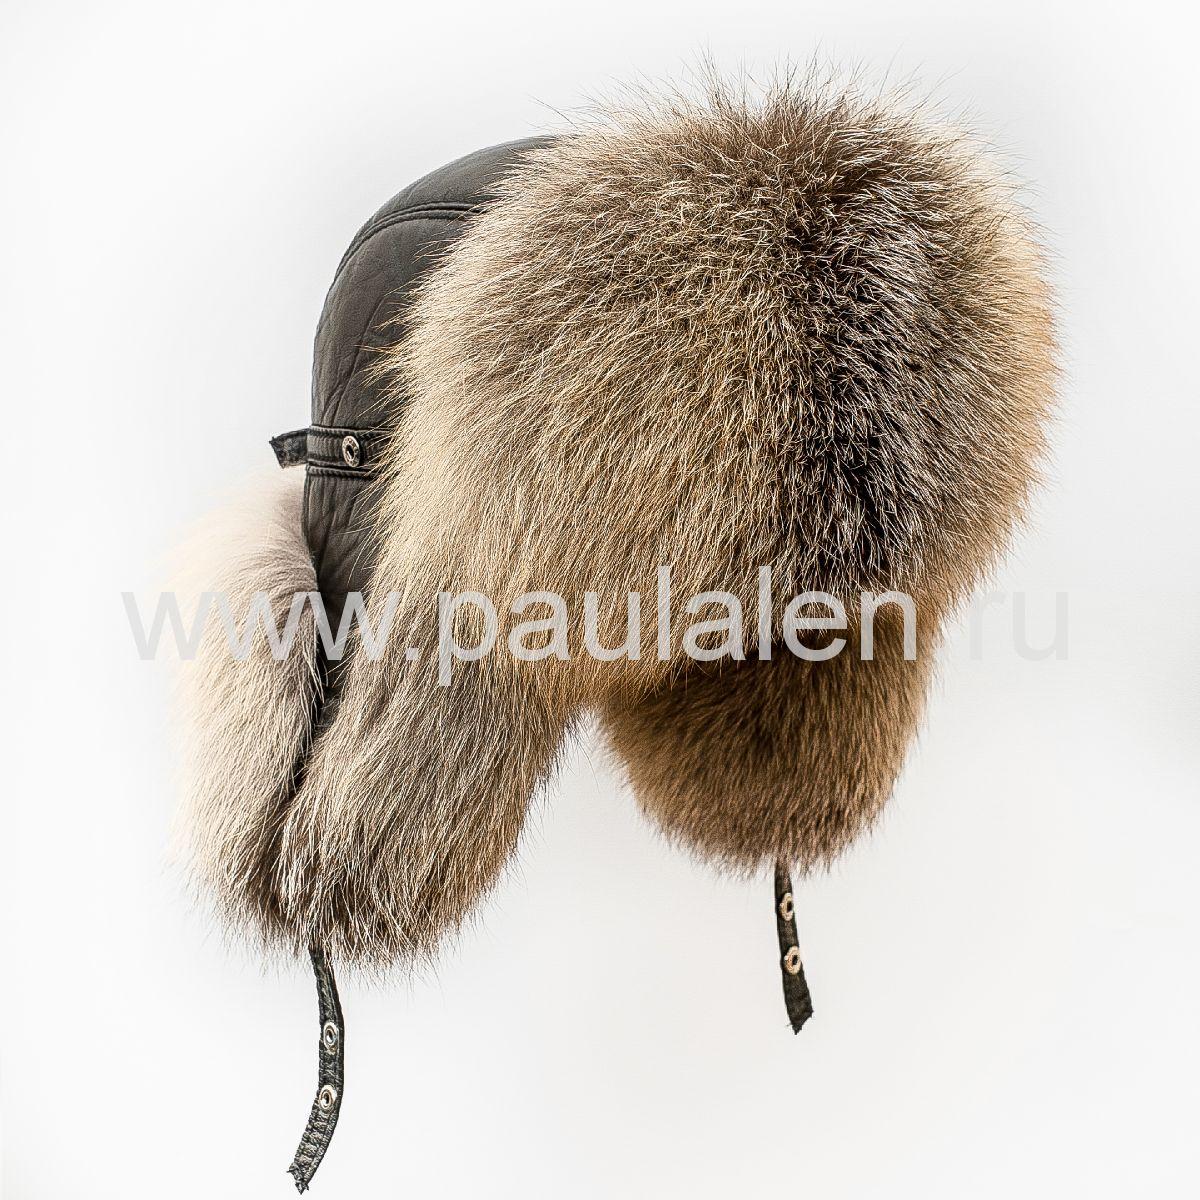 Мужская шапка ушанка (Пилот) из меха лисы Golden Island Fox Архив_B014